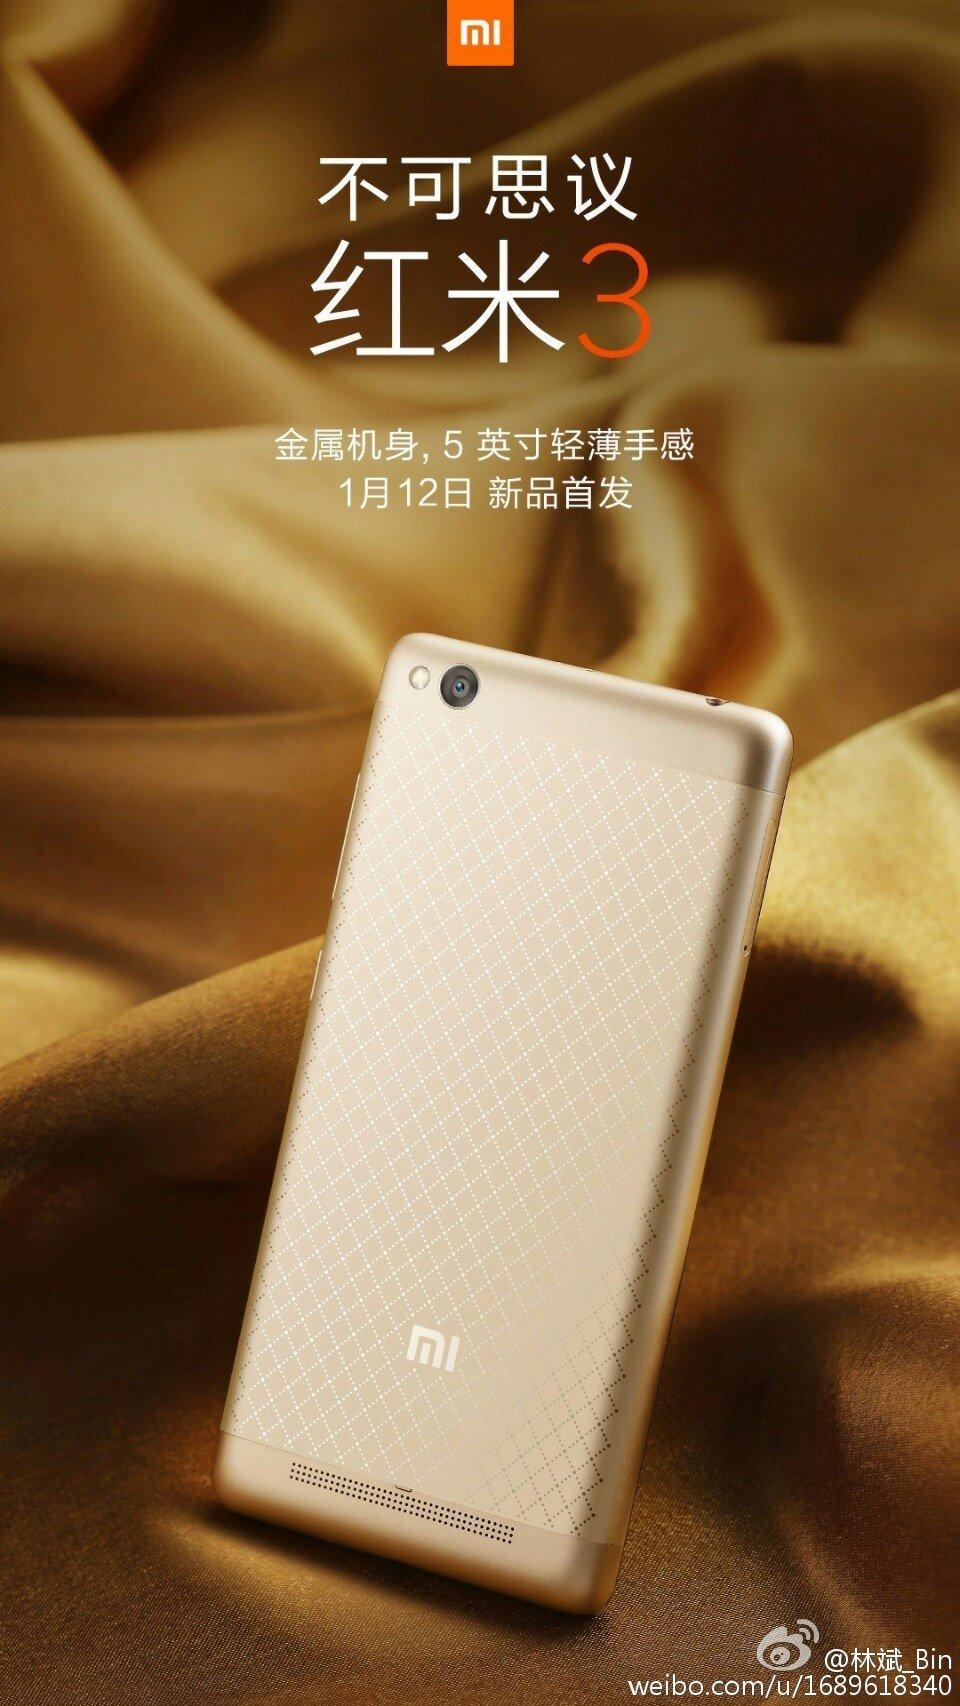 Xiaomi Redmi 3: 16GB oder 64GB mit Metallgehäuse ab 100€ vorgestellt 4